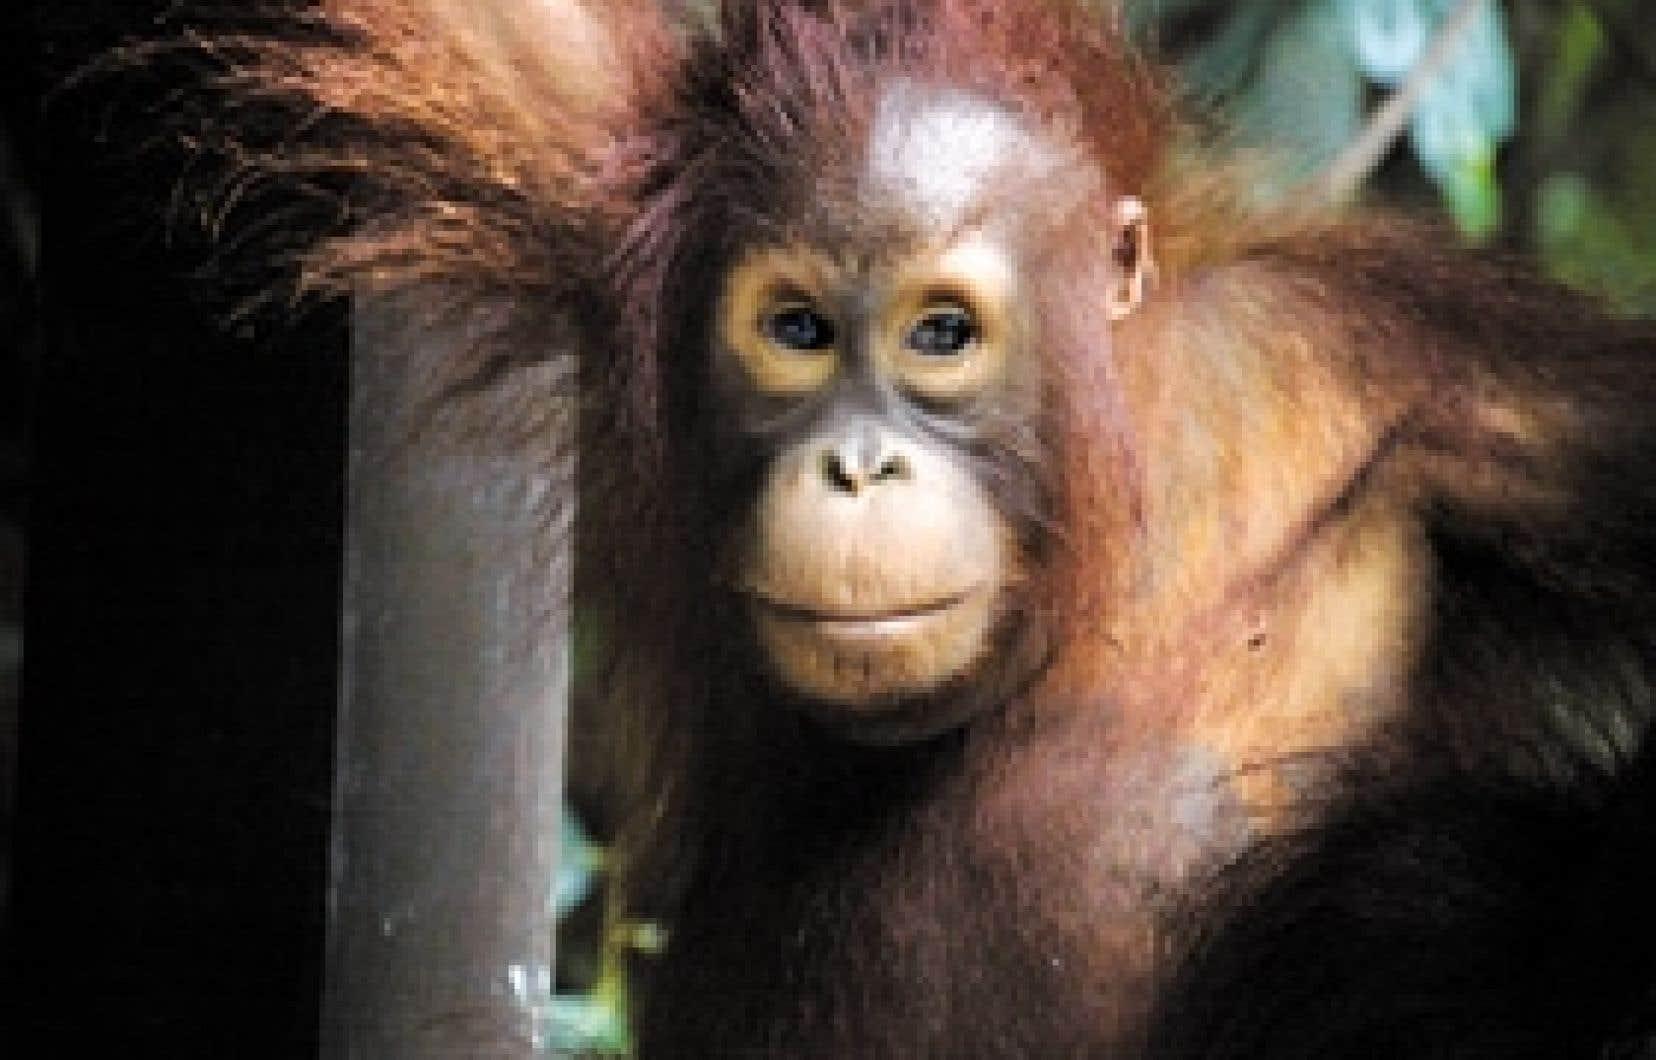 En langue malaise, orang-outang signifie «homme des bois». Ces beaux primates roux aux bras démesurés vivent encore au Sabah et au Sarawak. Mais pour combien de temps?